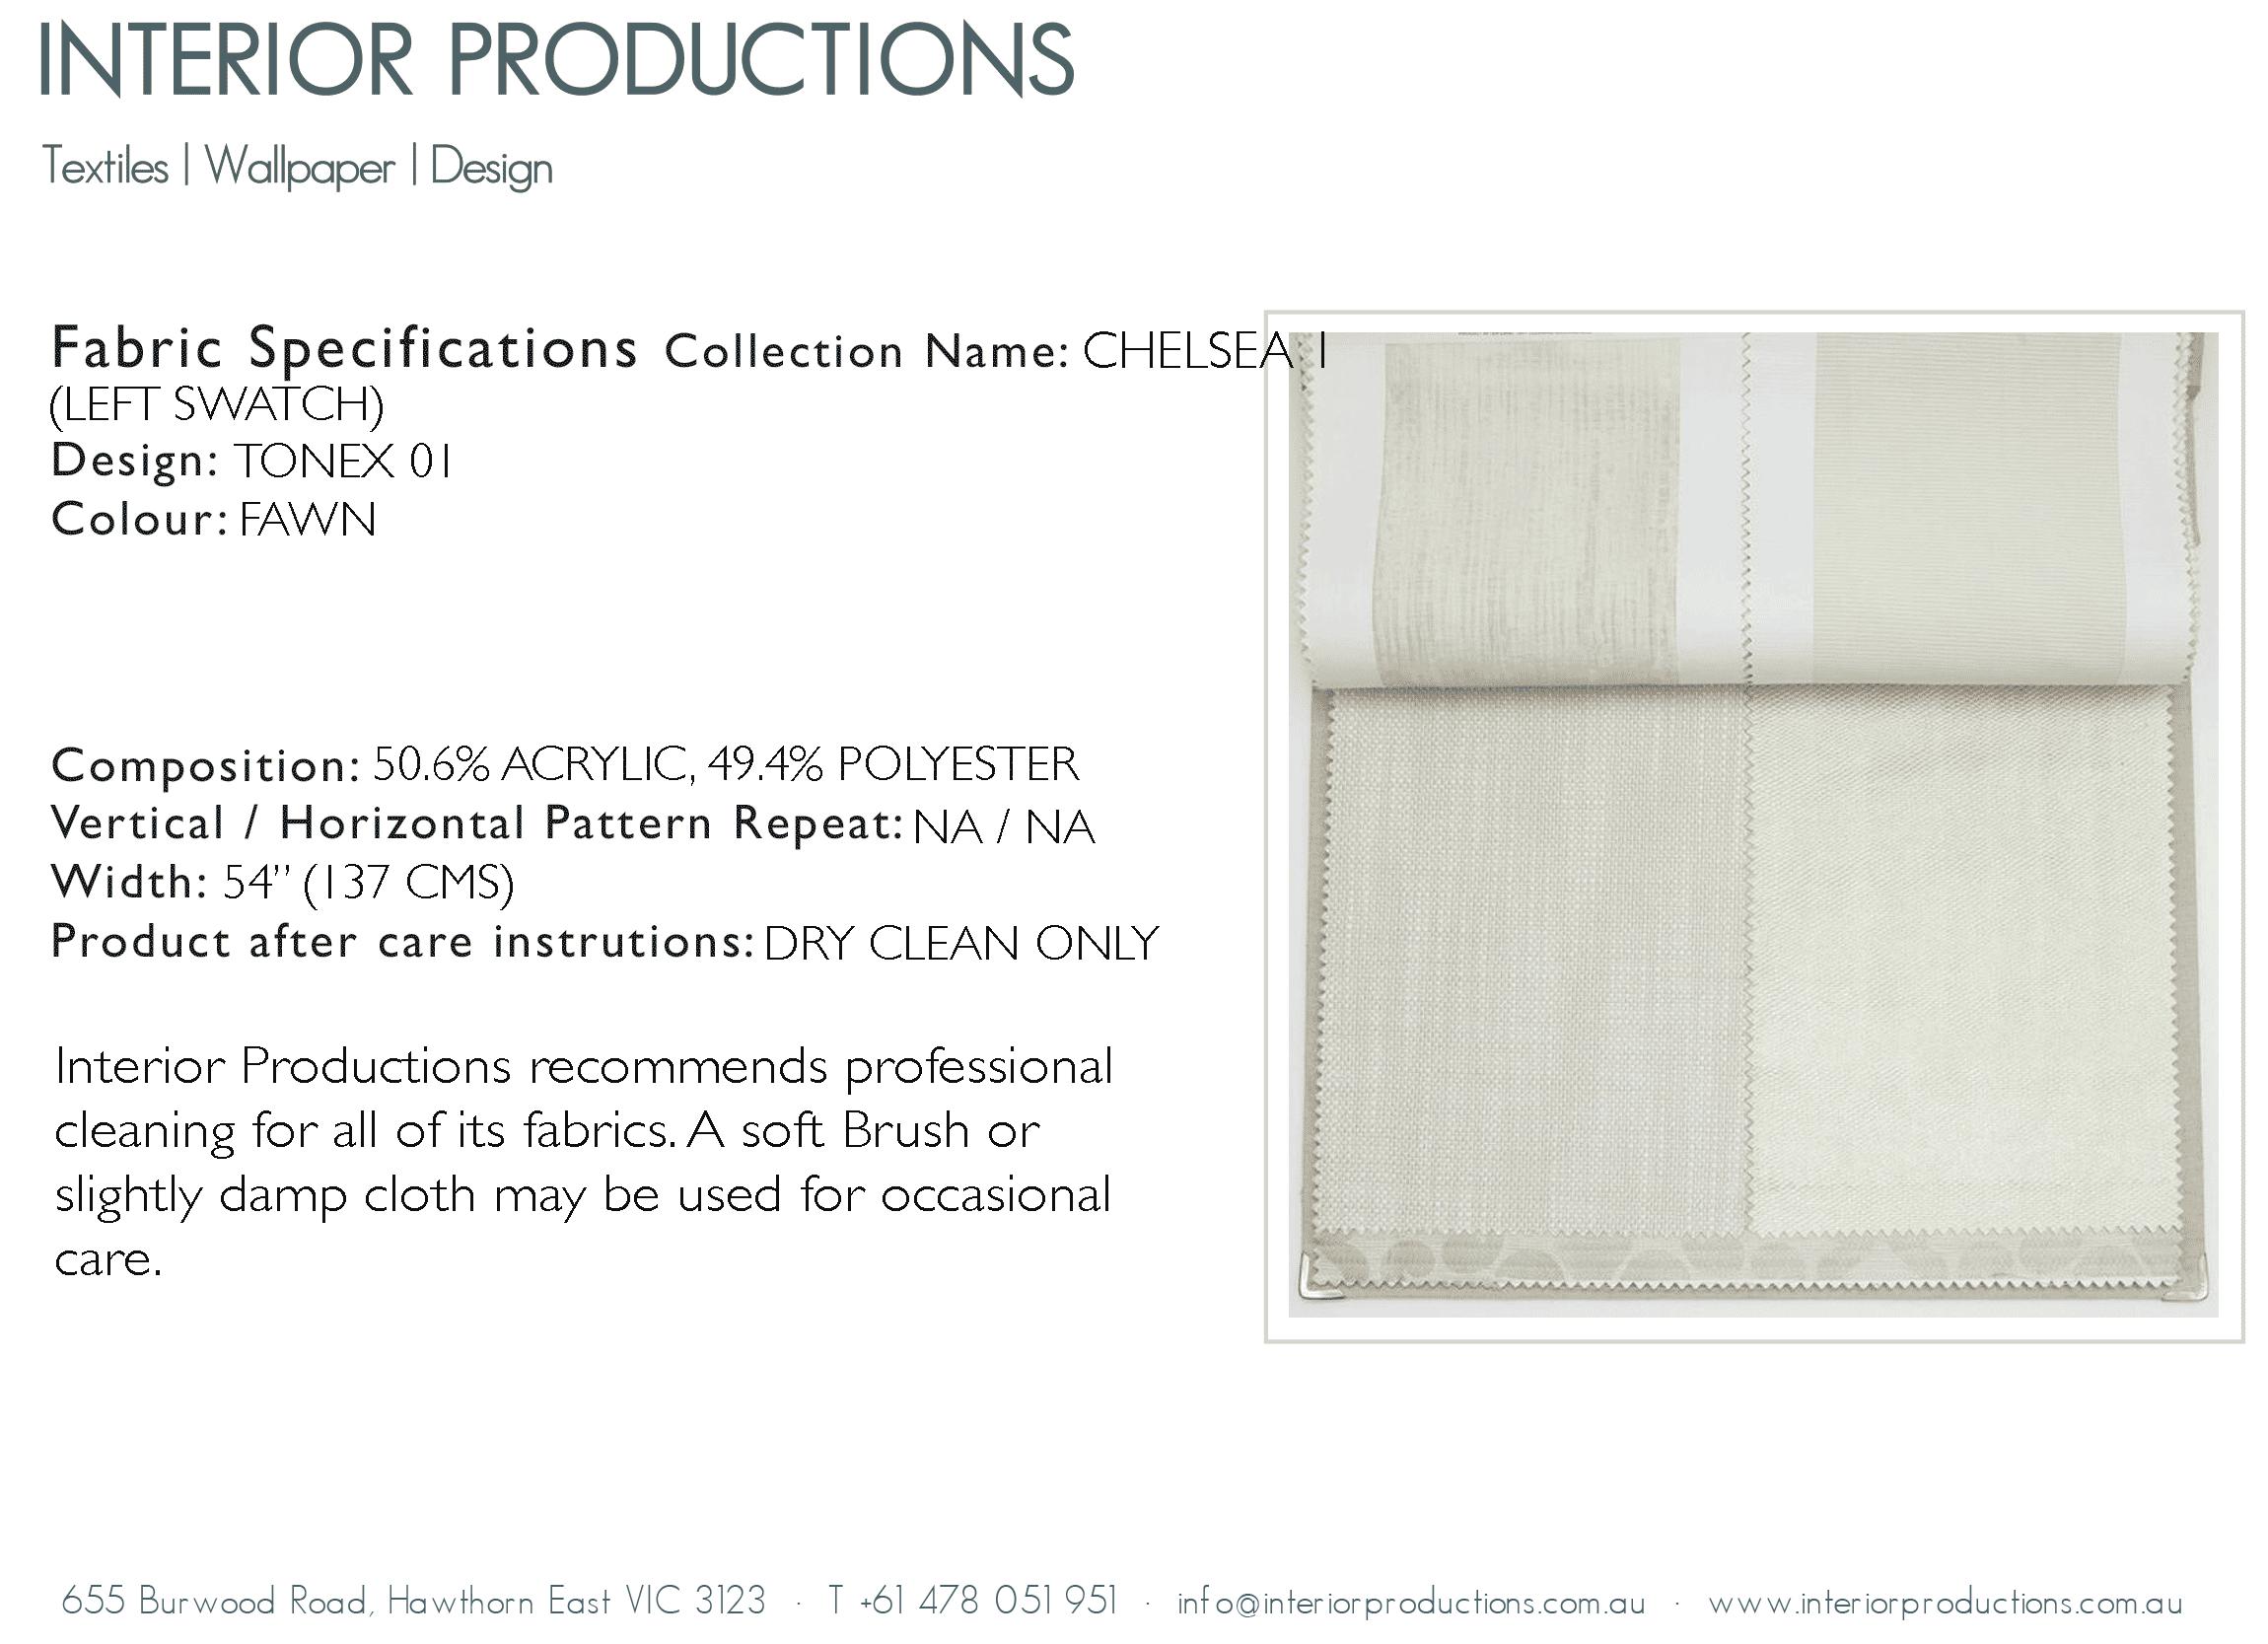 interior_productions_TONEX-01---FAWN